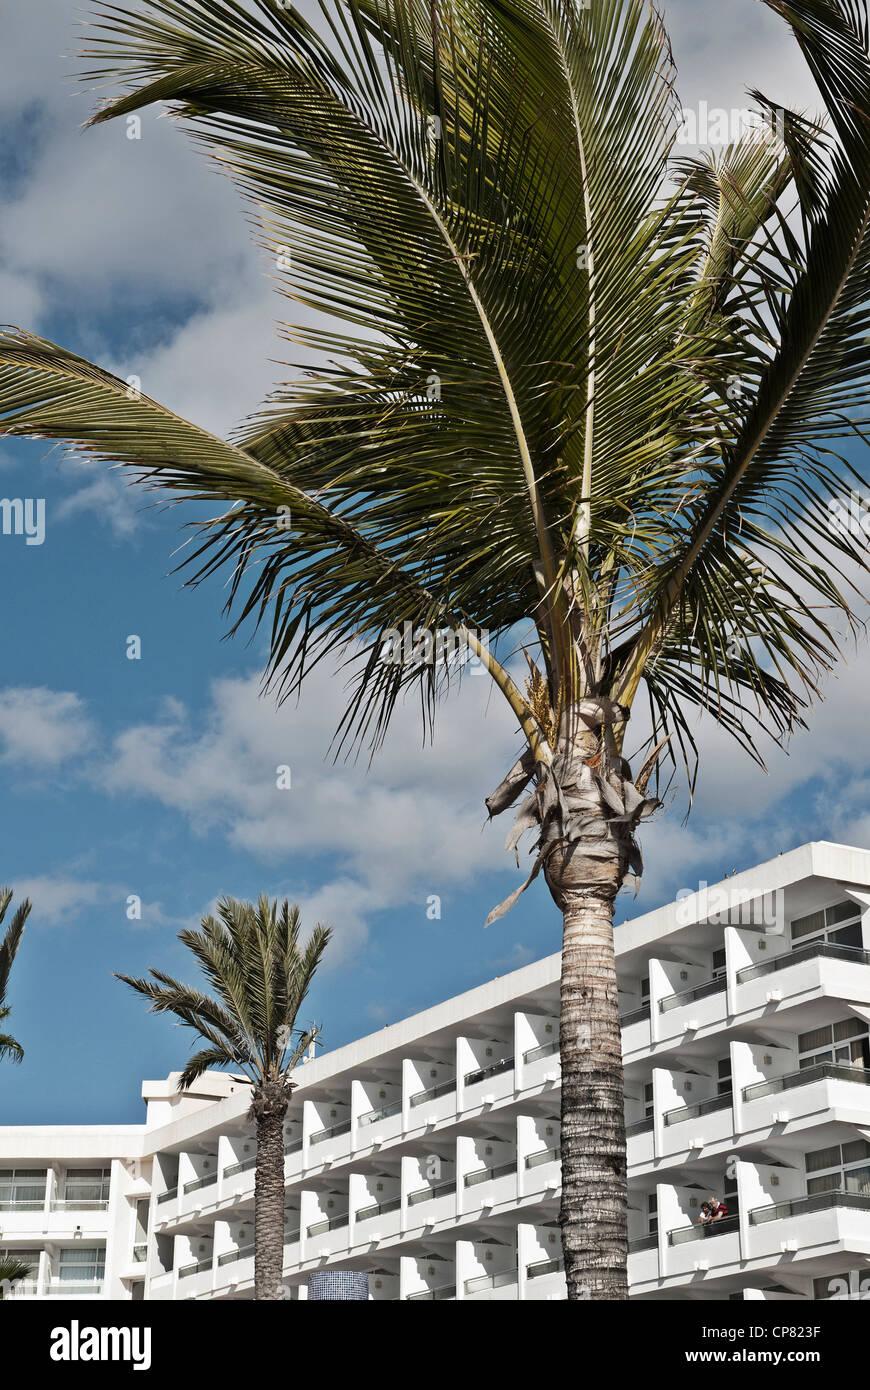 Hotel-Fassade und Palmen Bäume auf der Kanarischen Insel Lanzarote. Stockbild